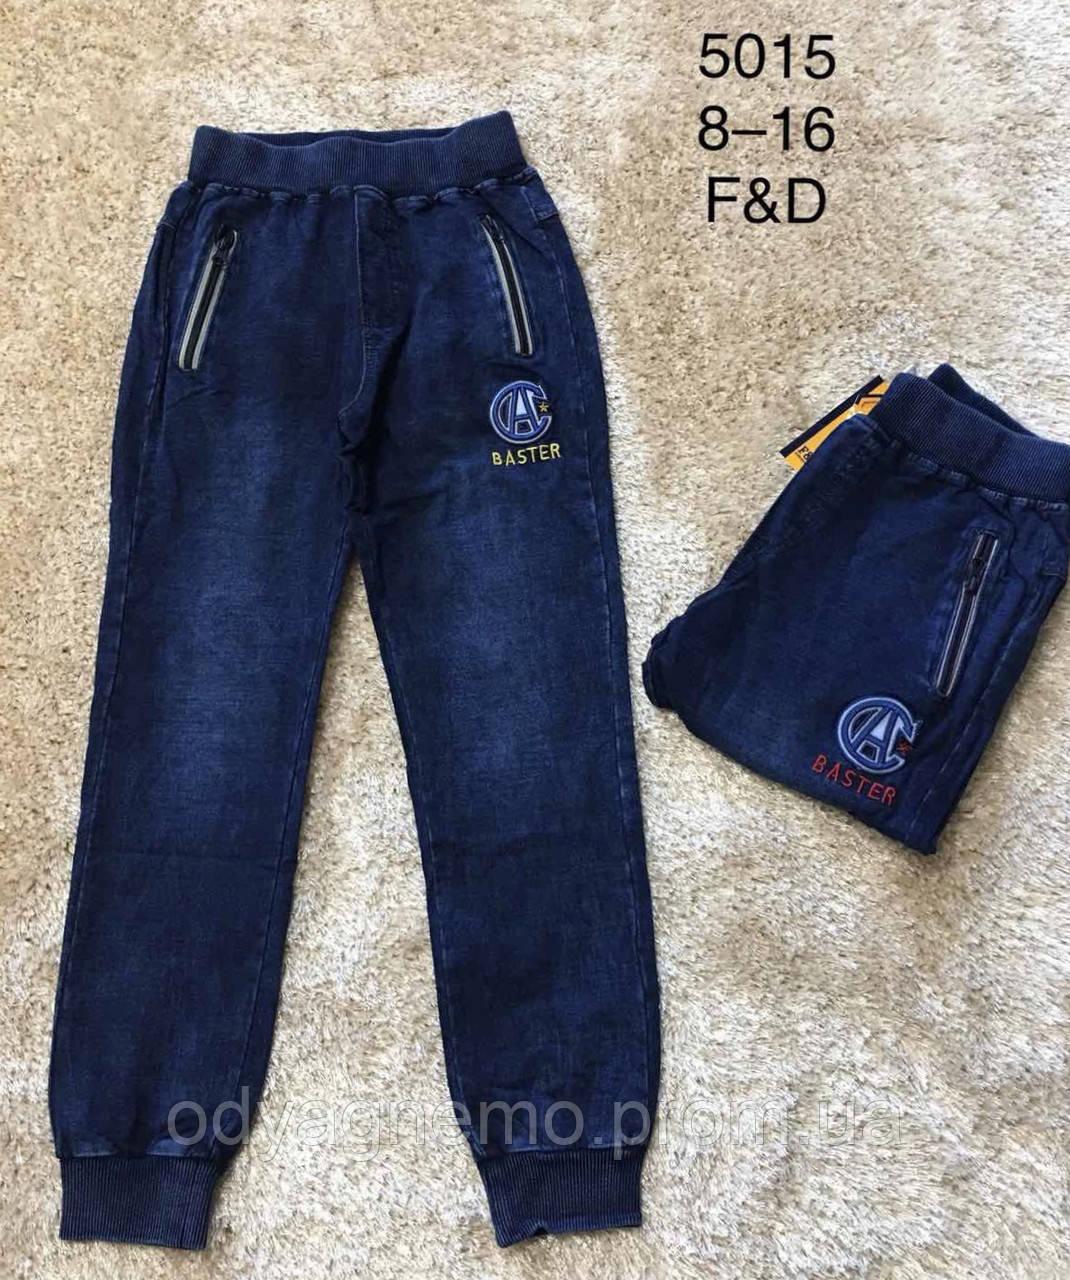 Брюки с имитацией джинсы для мальчиков F&D оптом, 8-16 лет. Артикул: 5015